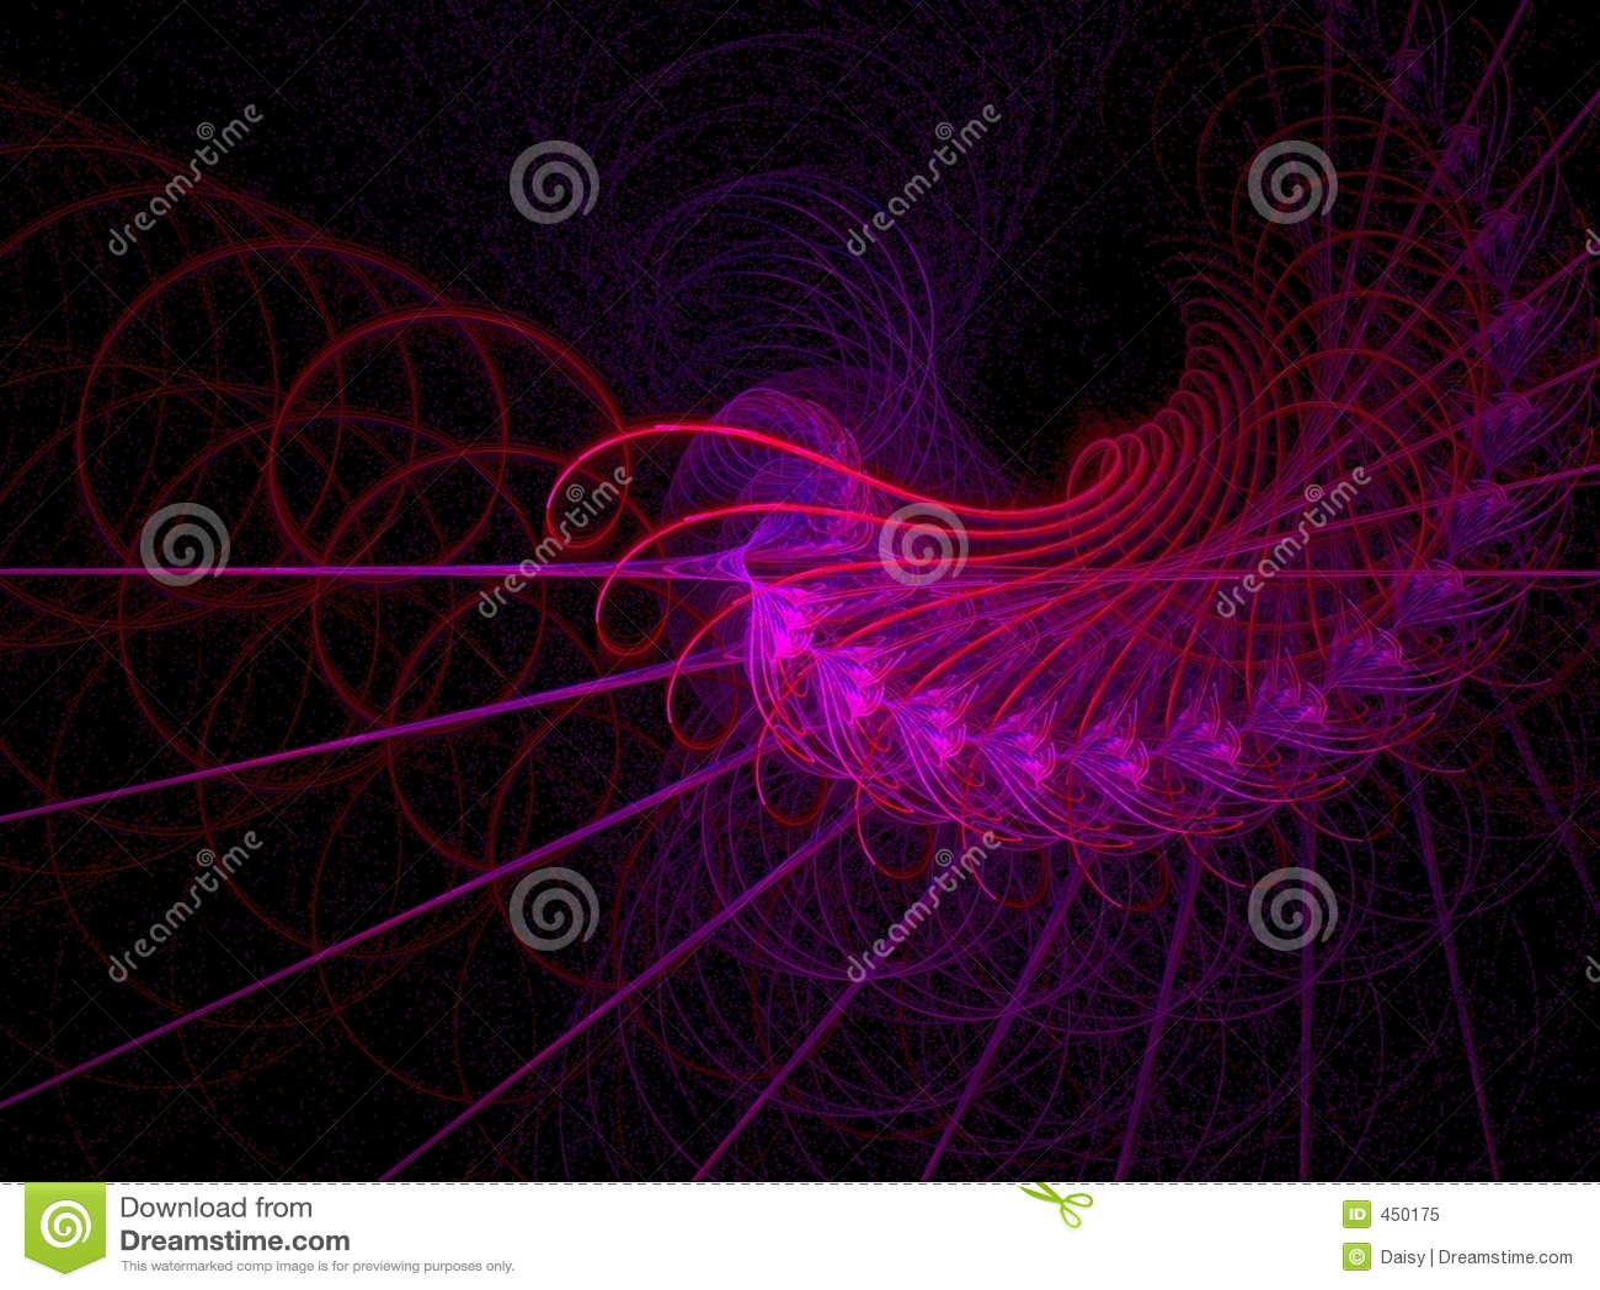 Red hot spirals and swirls